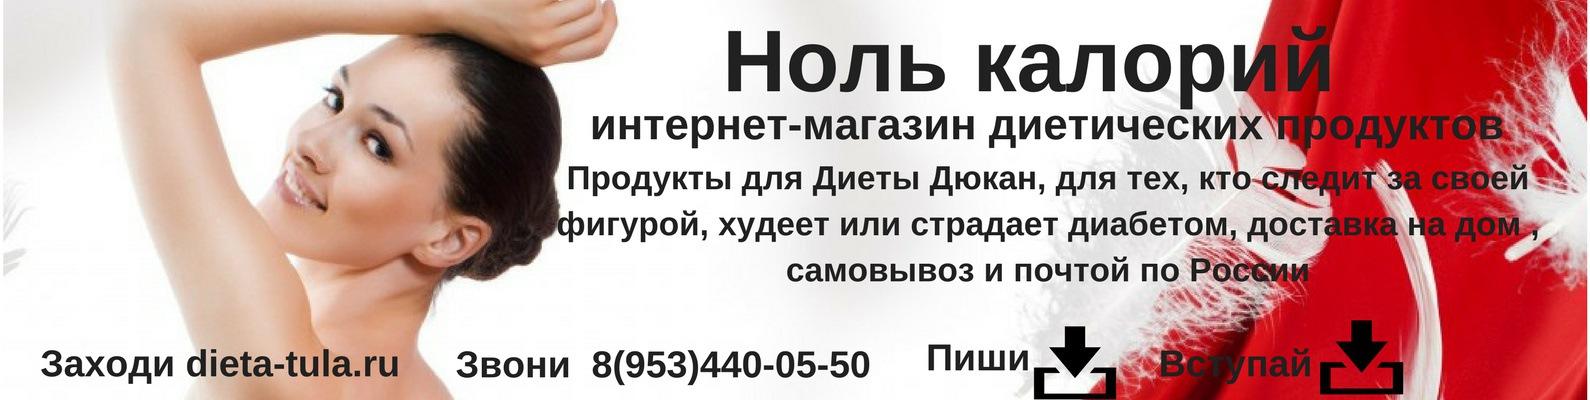 Диета дюкана с доставкой на дом москва